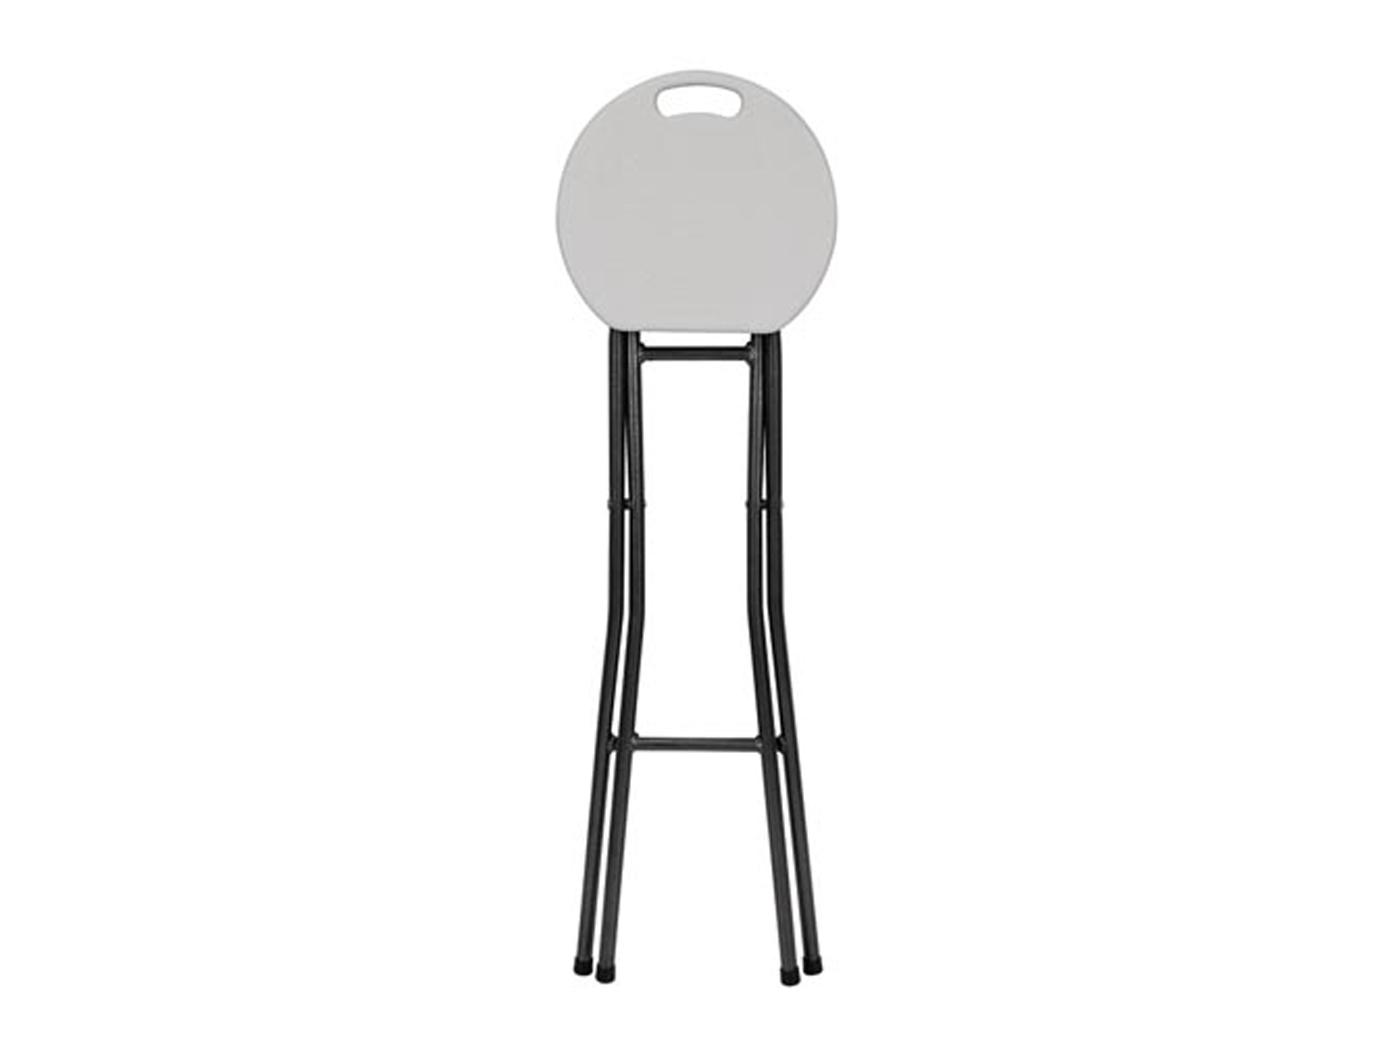 hauteur d/'assise 80 cm Météo fixe de bar Tabourets de Bar de cuisine Tabouret Bar Tabouret